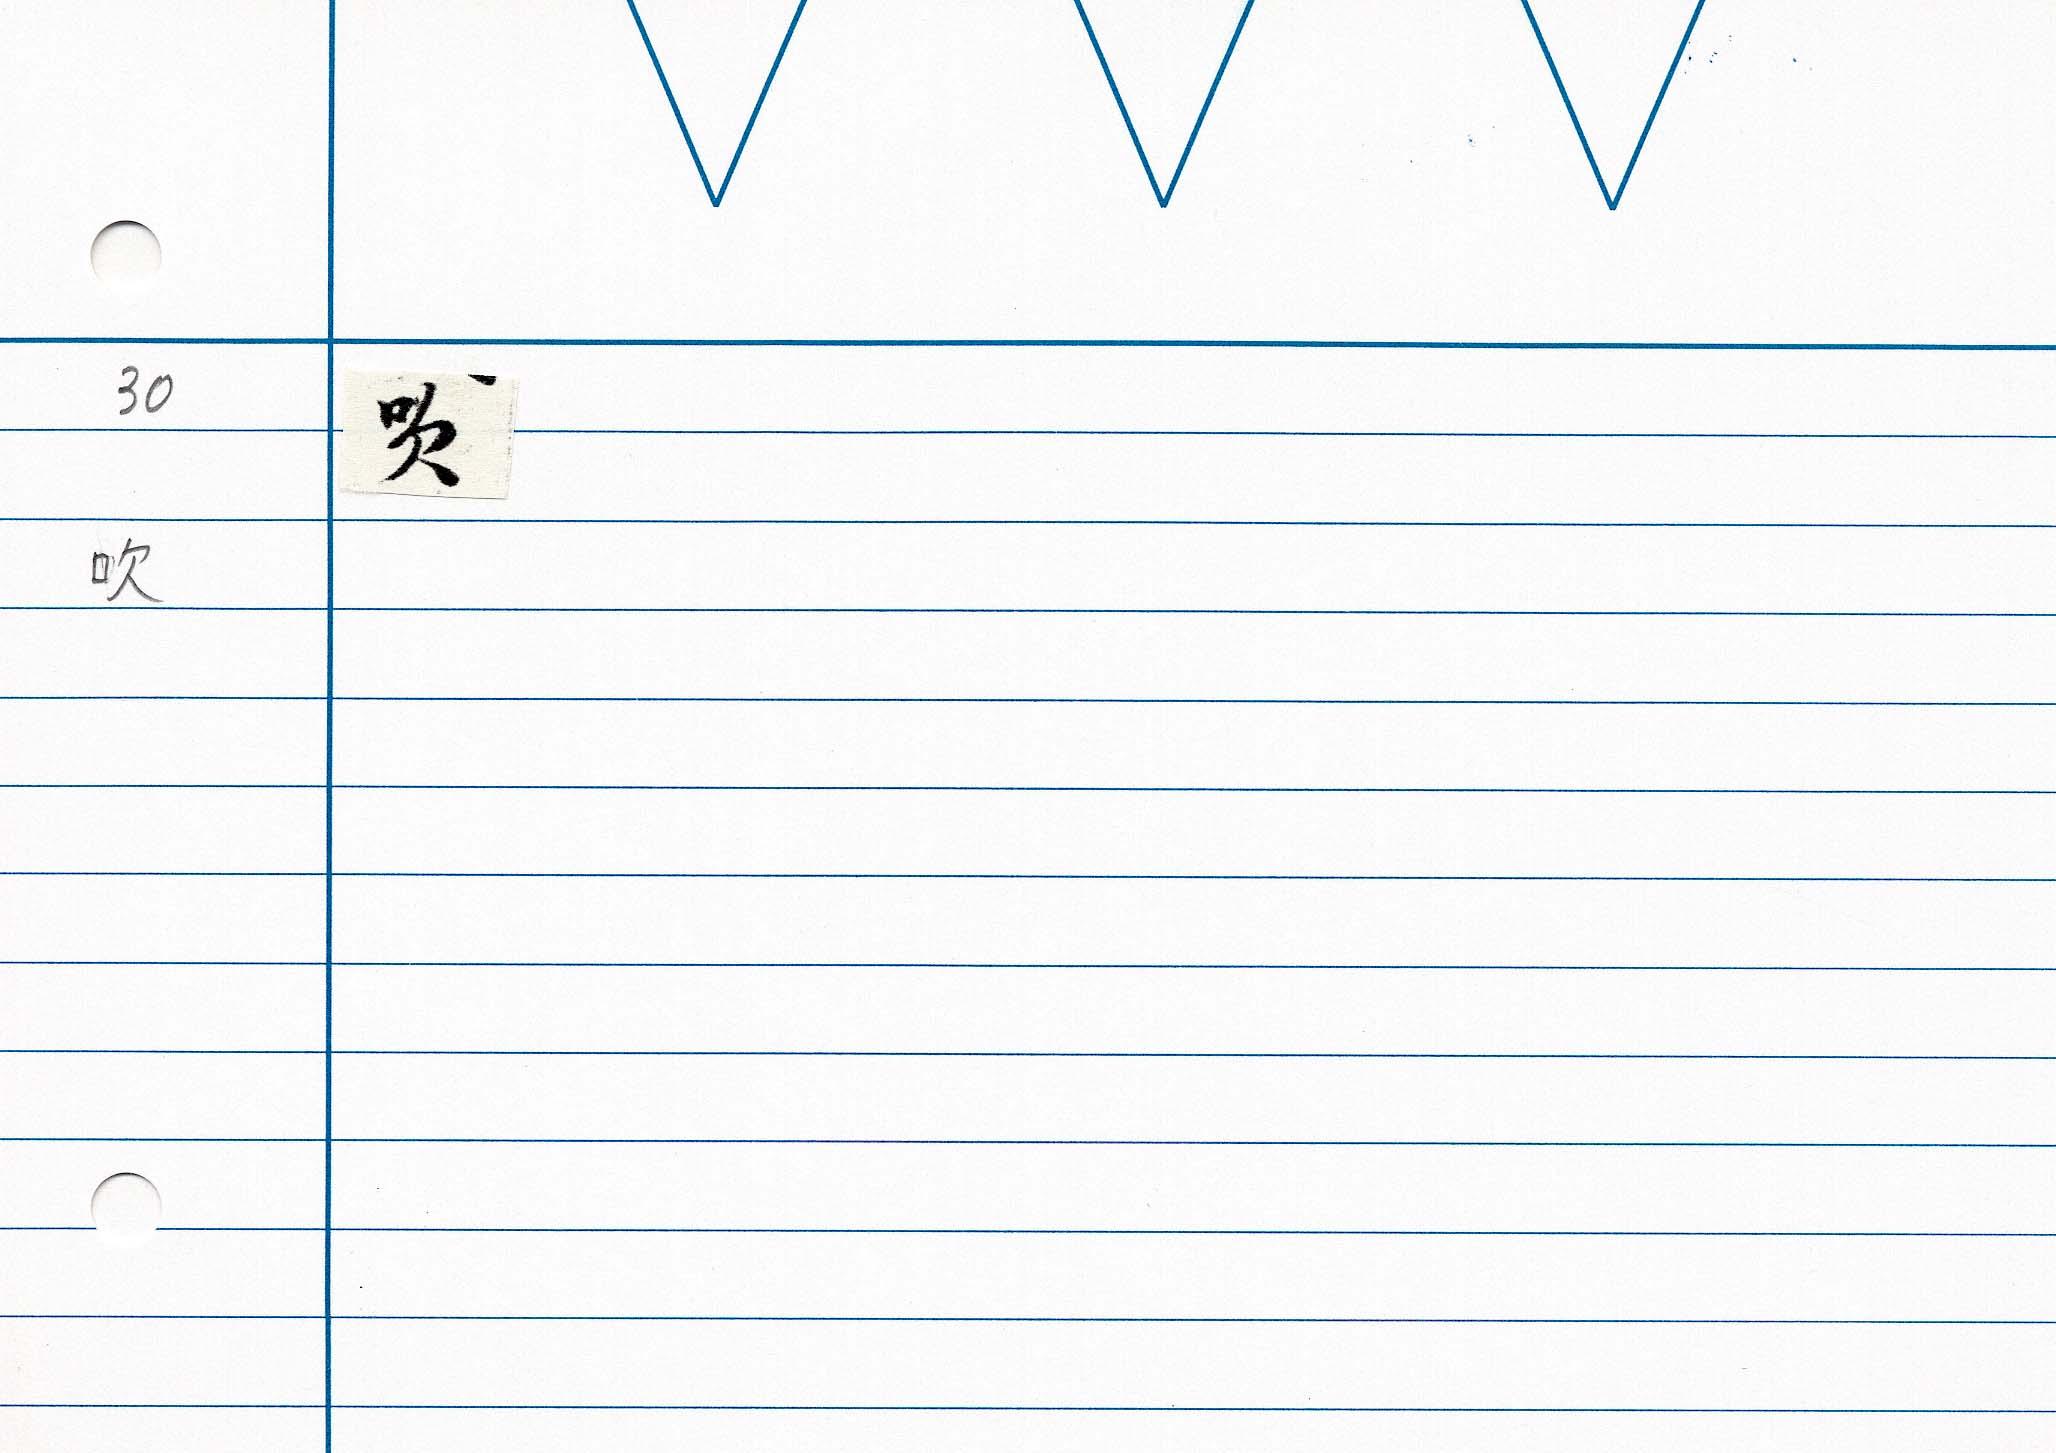 60_佛説大教王經卷一(東禪寺版日本寫本)/cards/0037.jpg